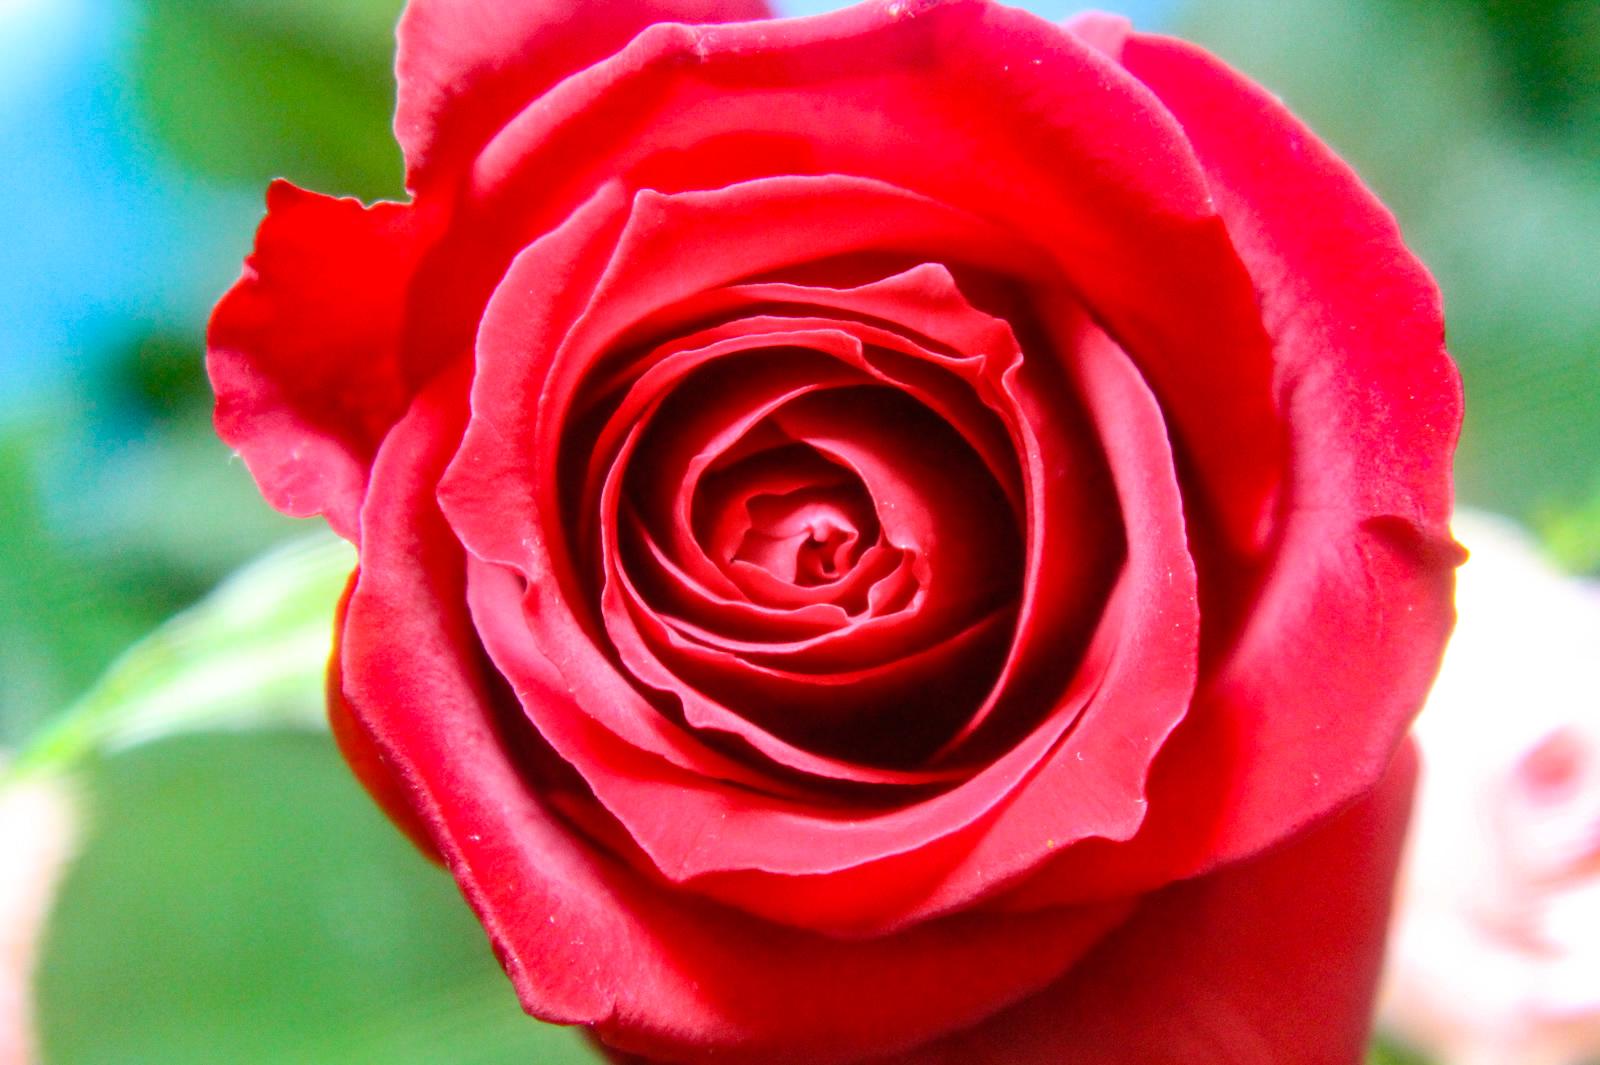 咲き始めの赤い薔薇(バラ)